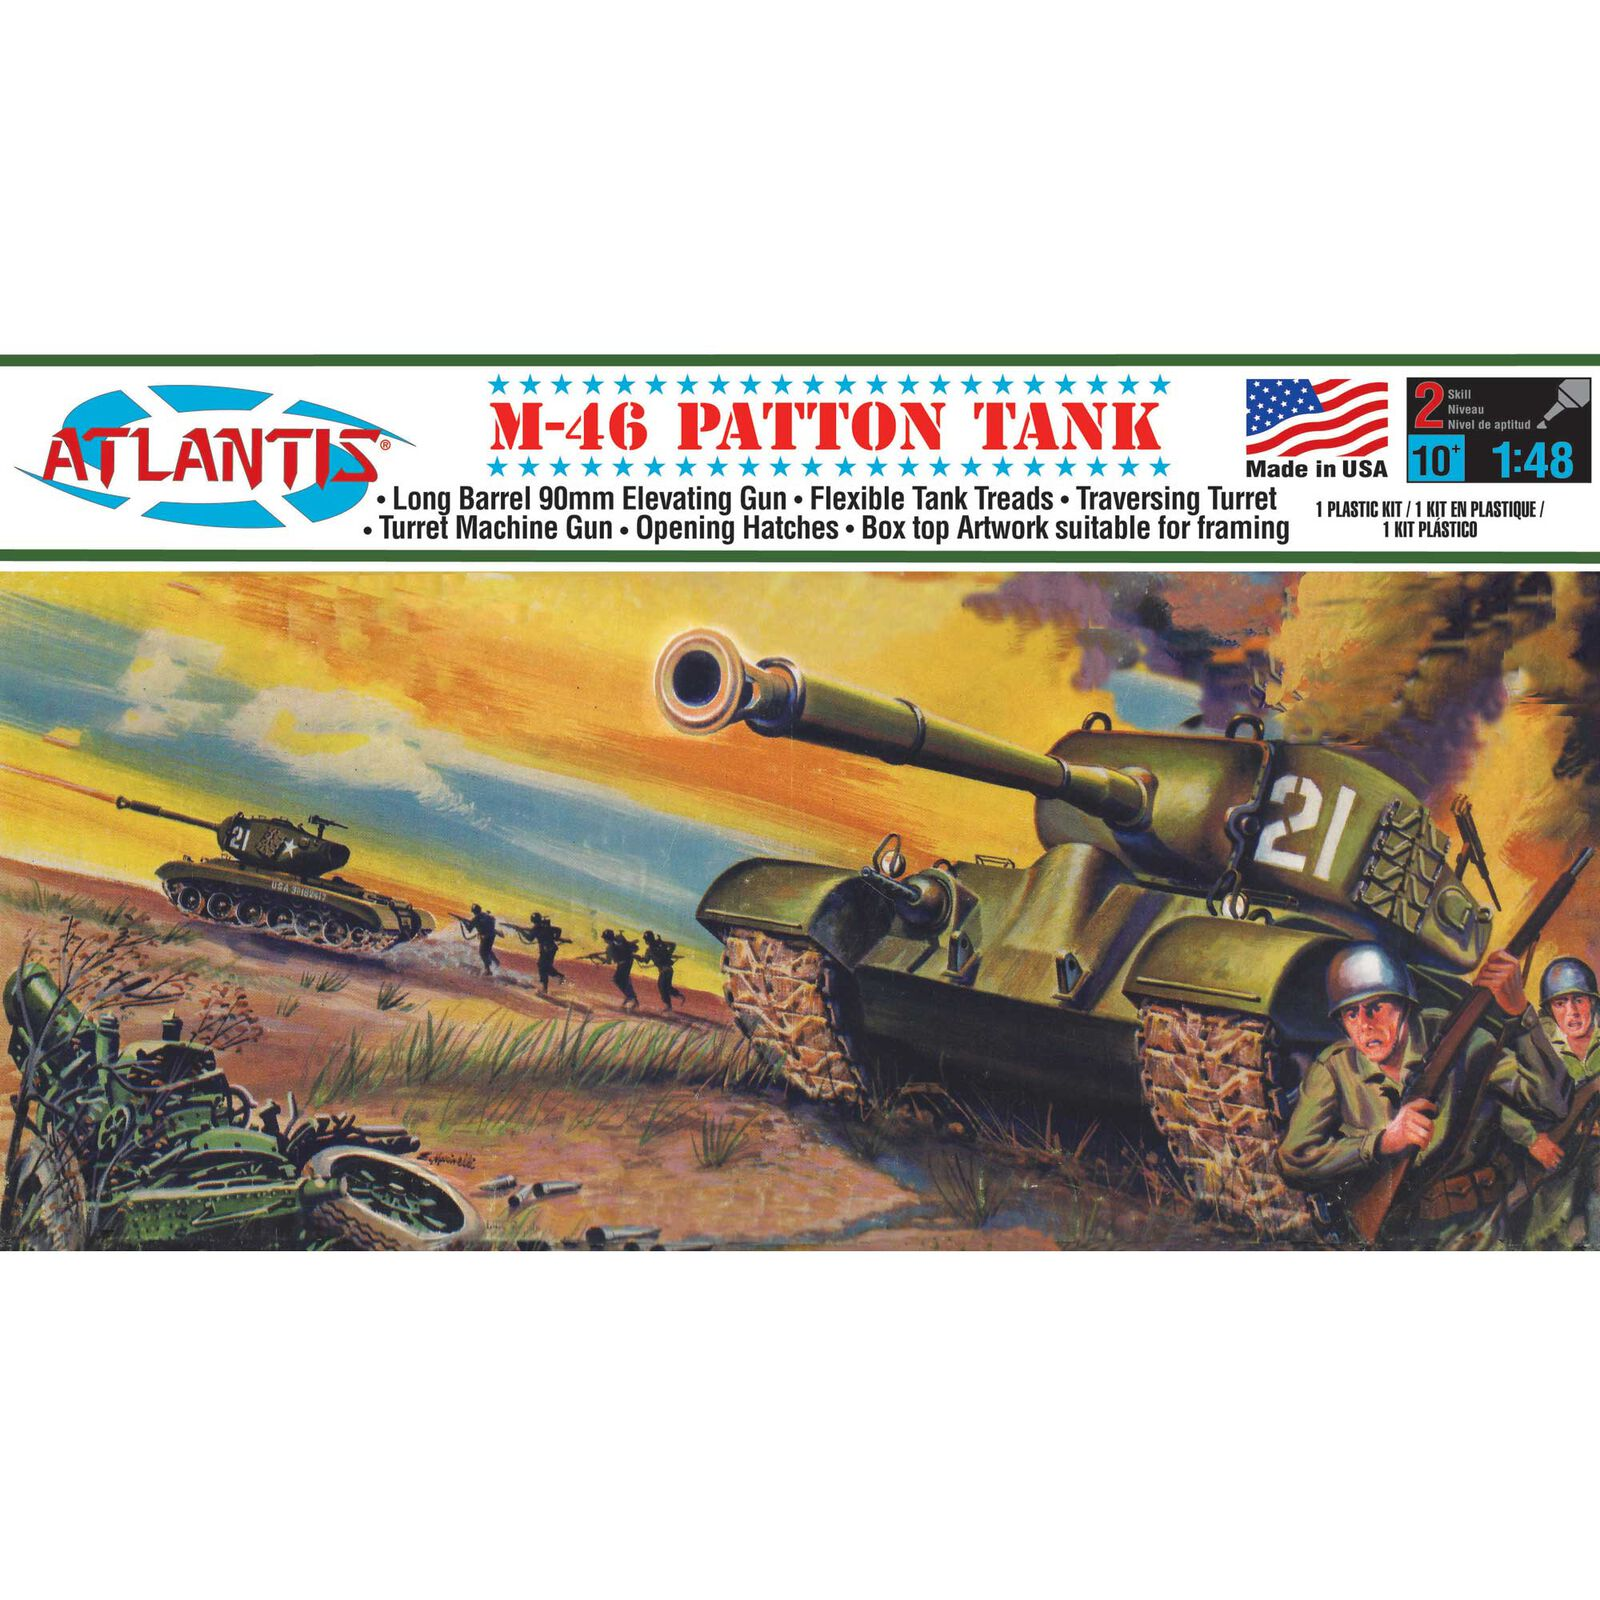 M-46 Patton Tank 1/48 Plastic Model Kit